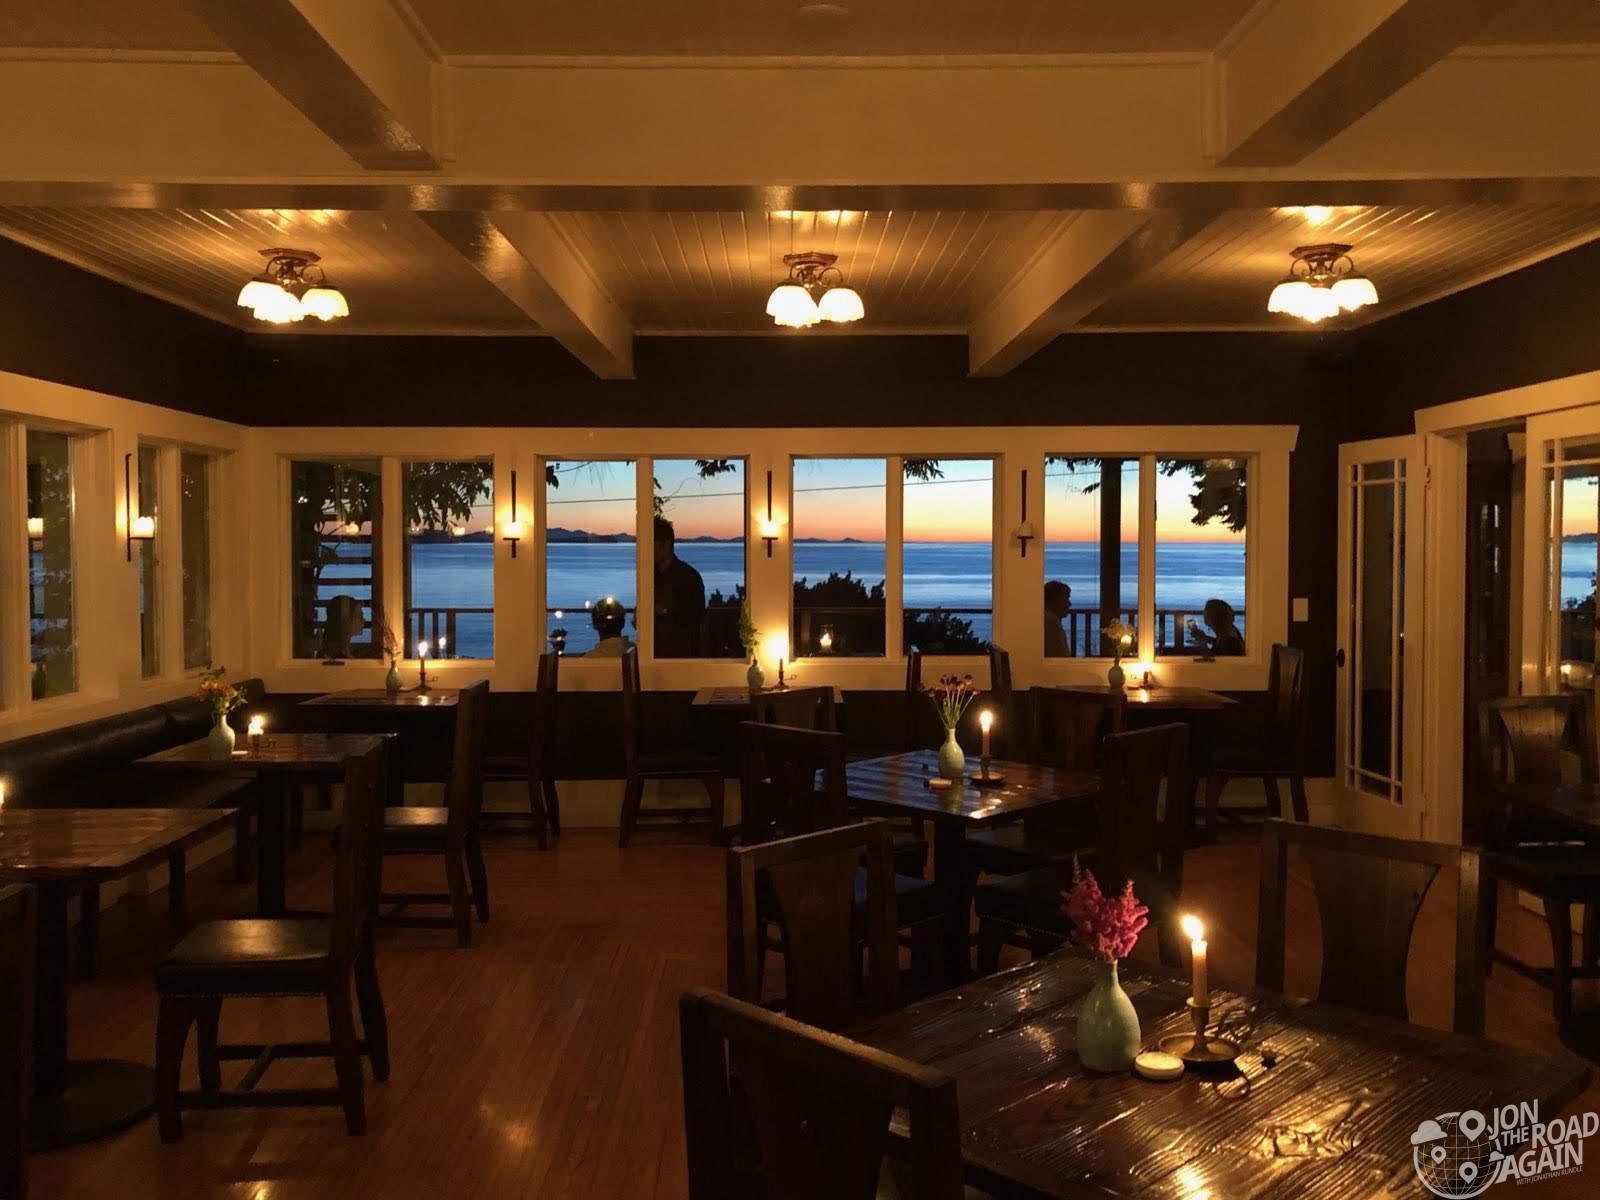 Willows Inn Dining Room Sunset